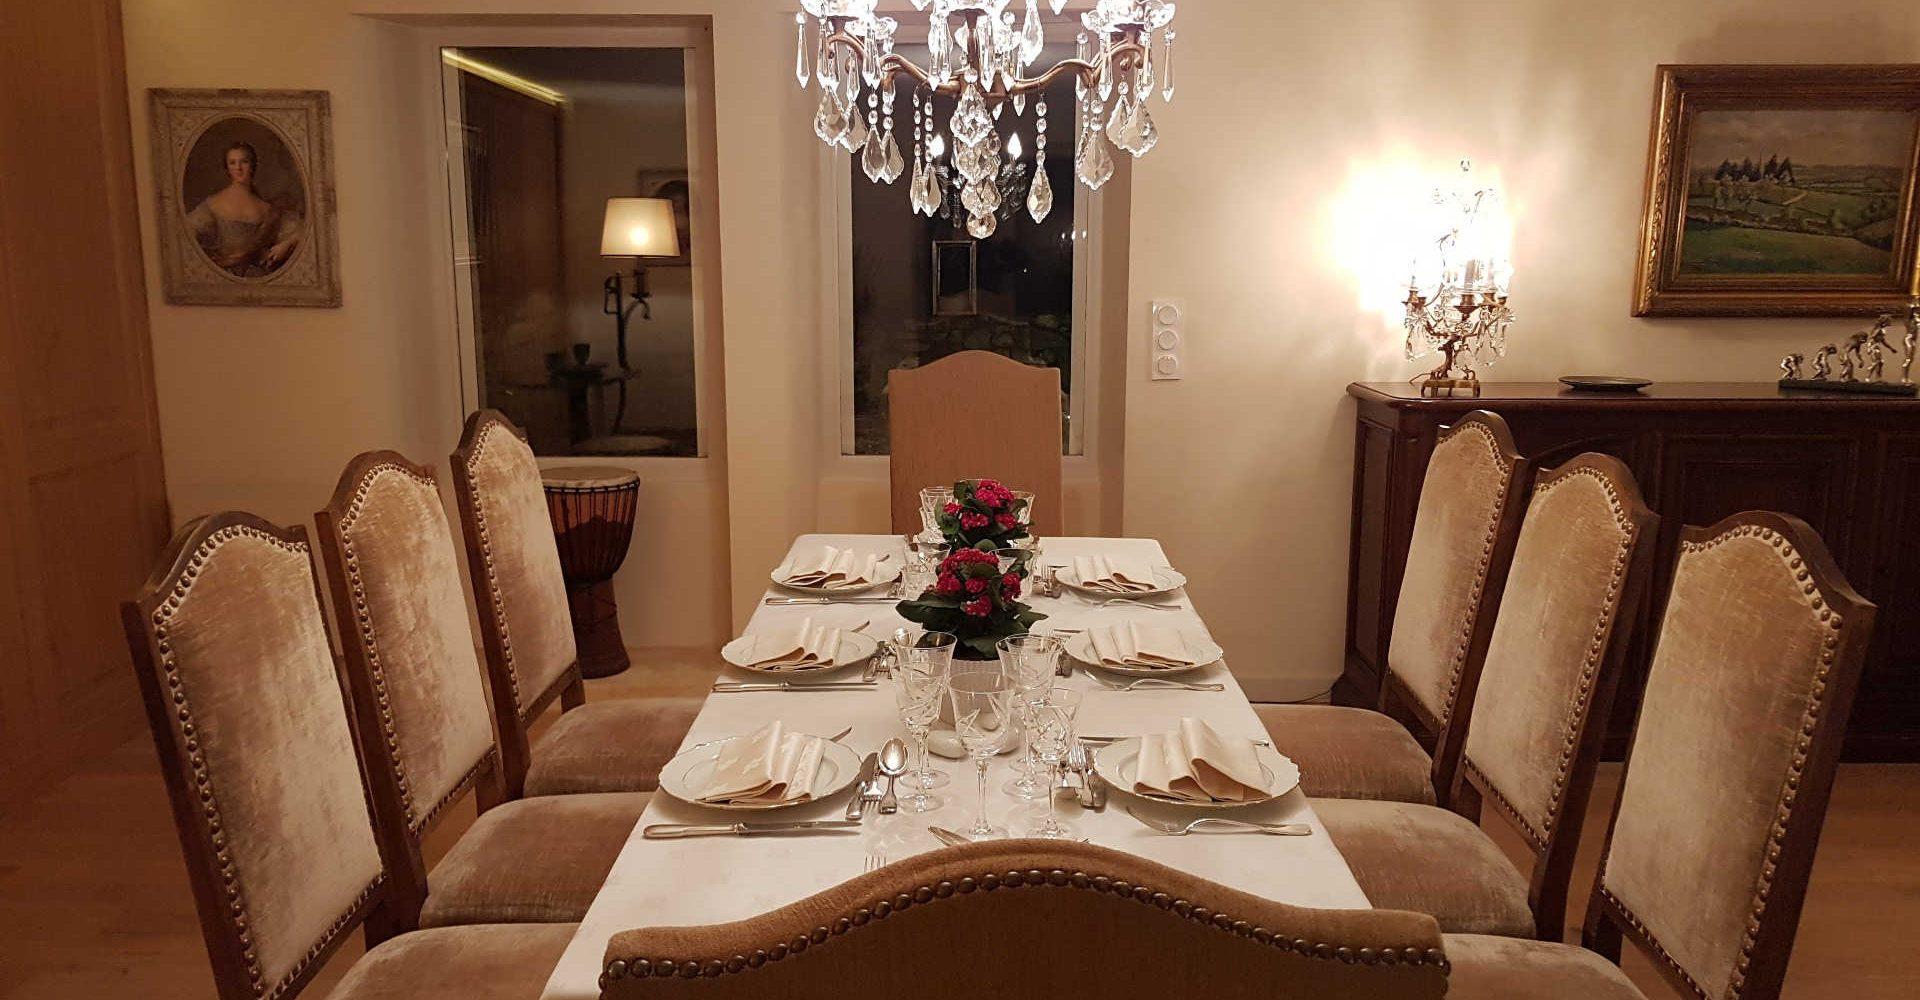 Au_Clos_de_Mathilde_Chambre_d_hotes_Sarlat_Piscine_diner_table_d_hotes